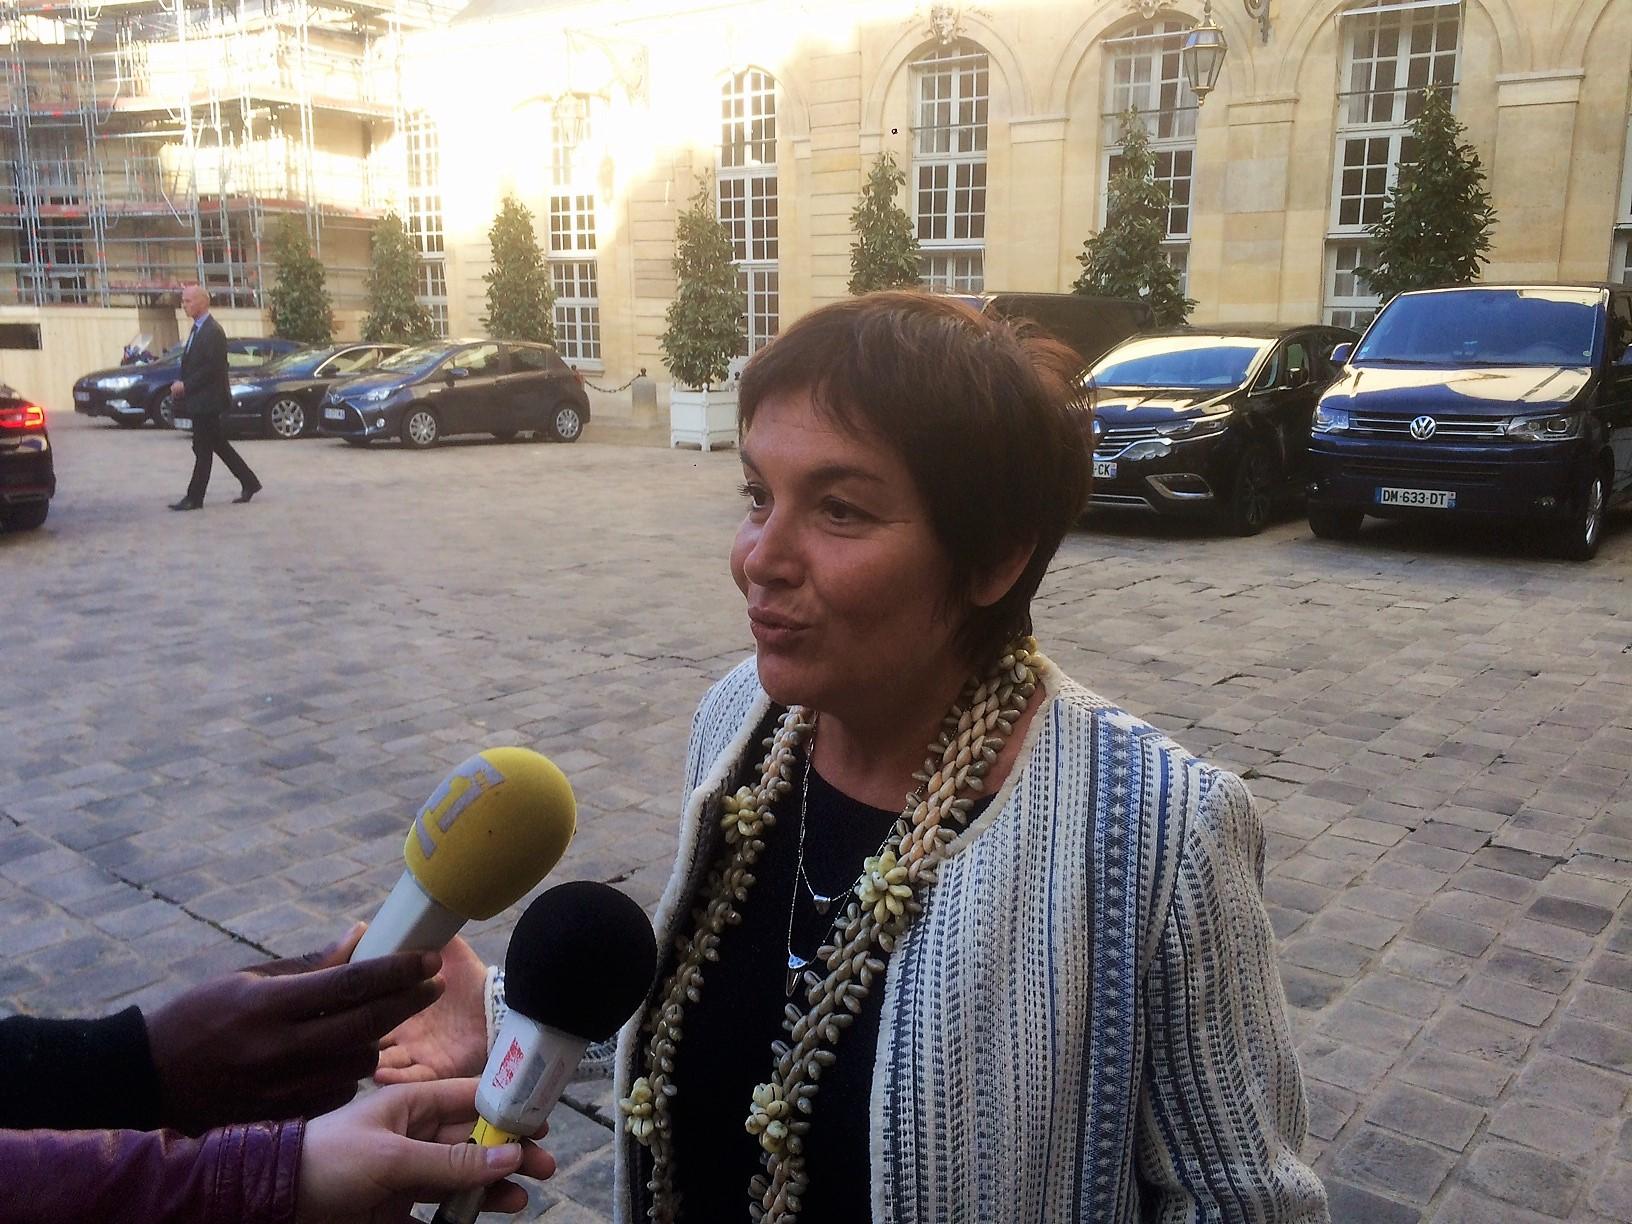 La Ministre des Outre-mer était également présente à ce rendez-vous ©Outremers360